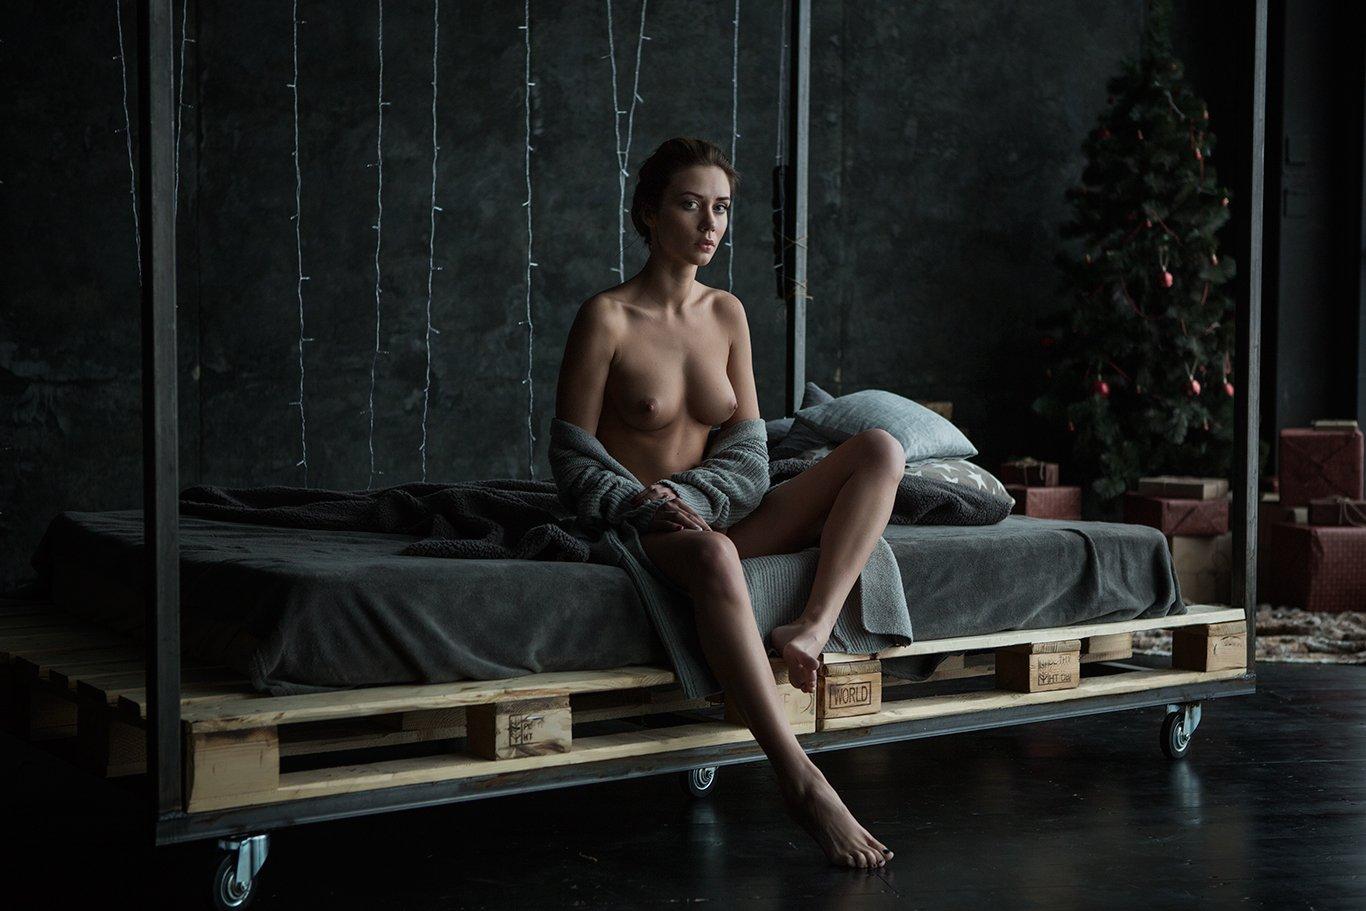 nu, nude, portrait, ню, портрет, кучерявенко станислав, Кучерявенко Станислав